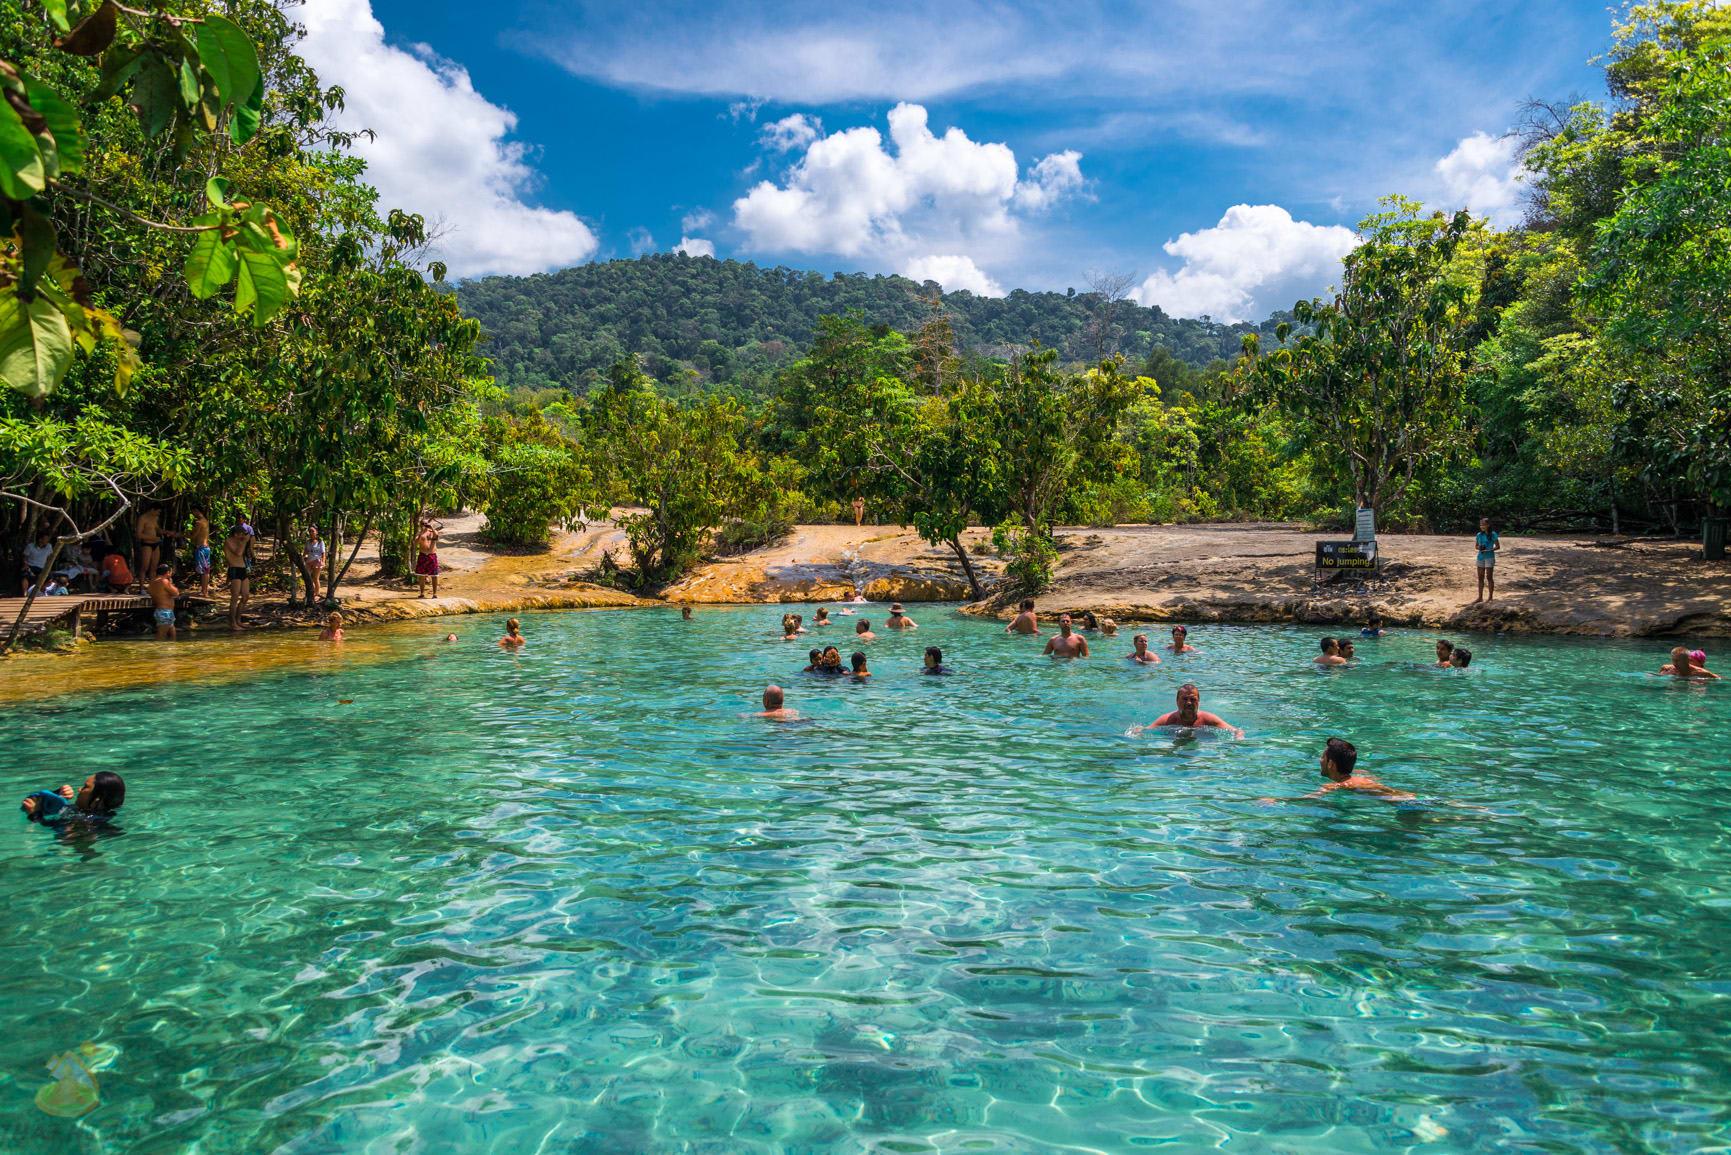 lặn tại hồ ngọc bích emerald là một trong những kinh nghiệm đi krabi